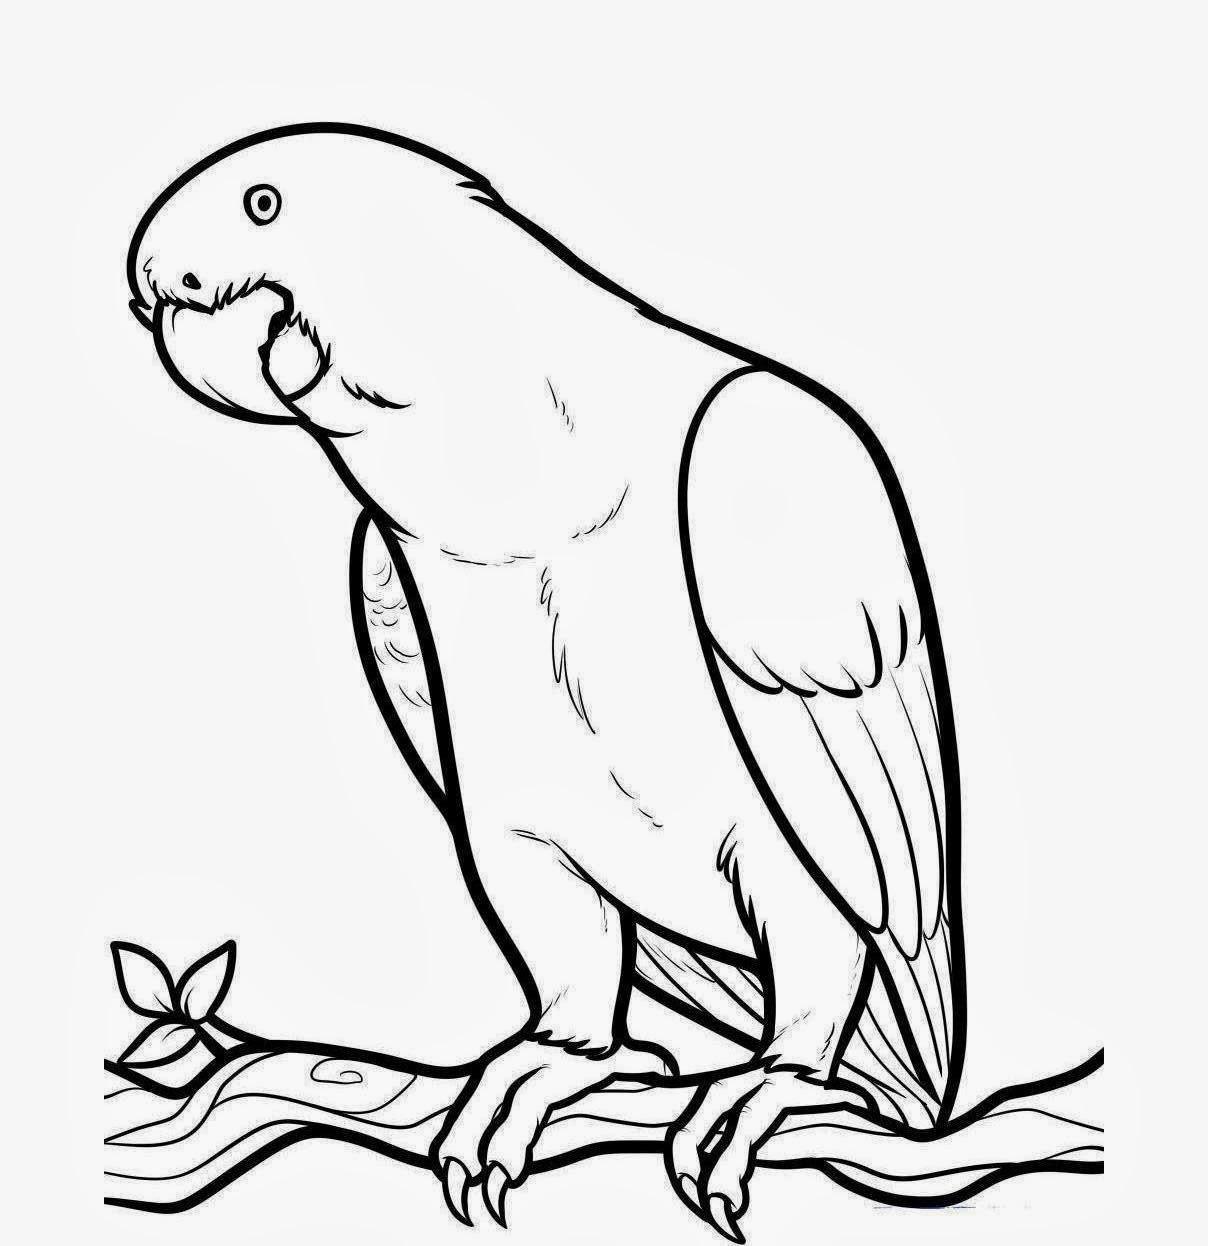 Parrot clipart parrot bird Download Parrot Parrot collection outline